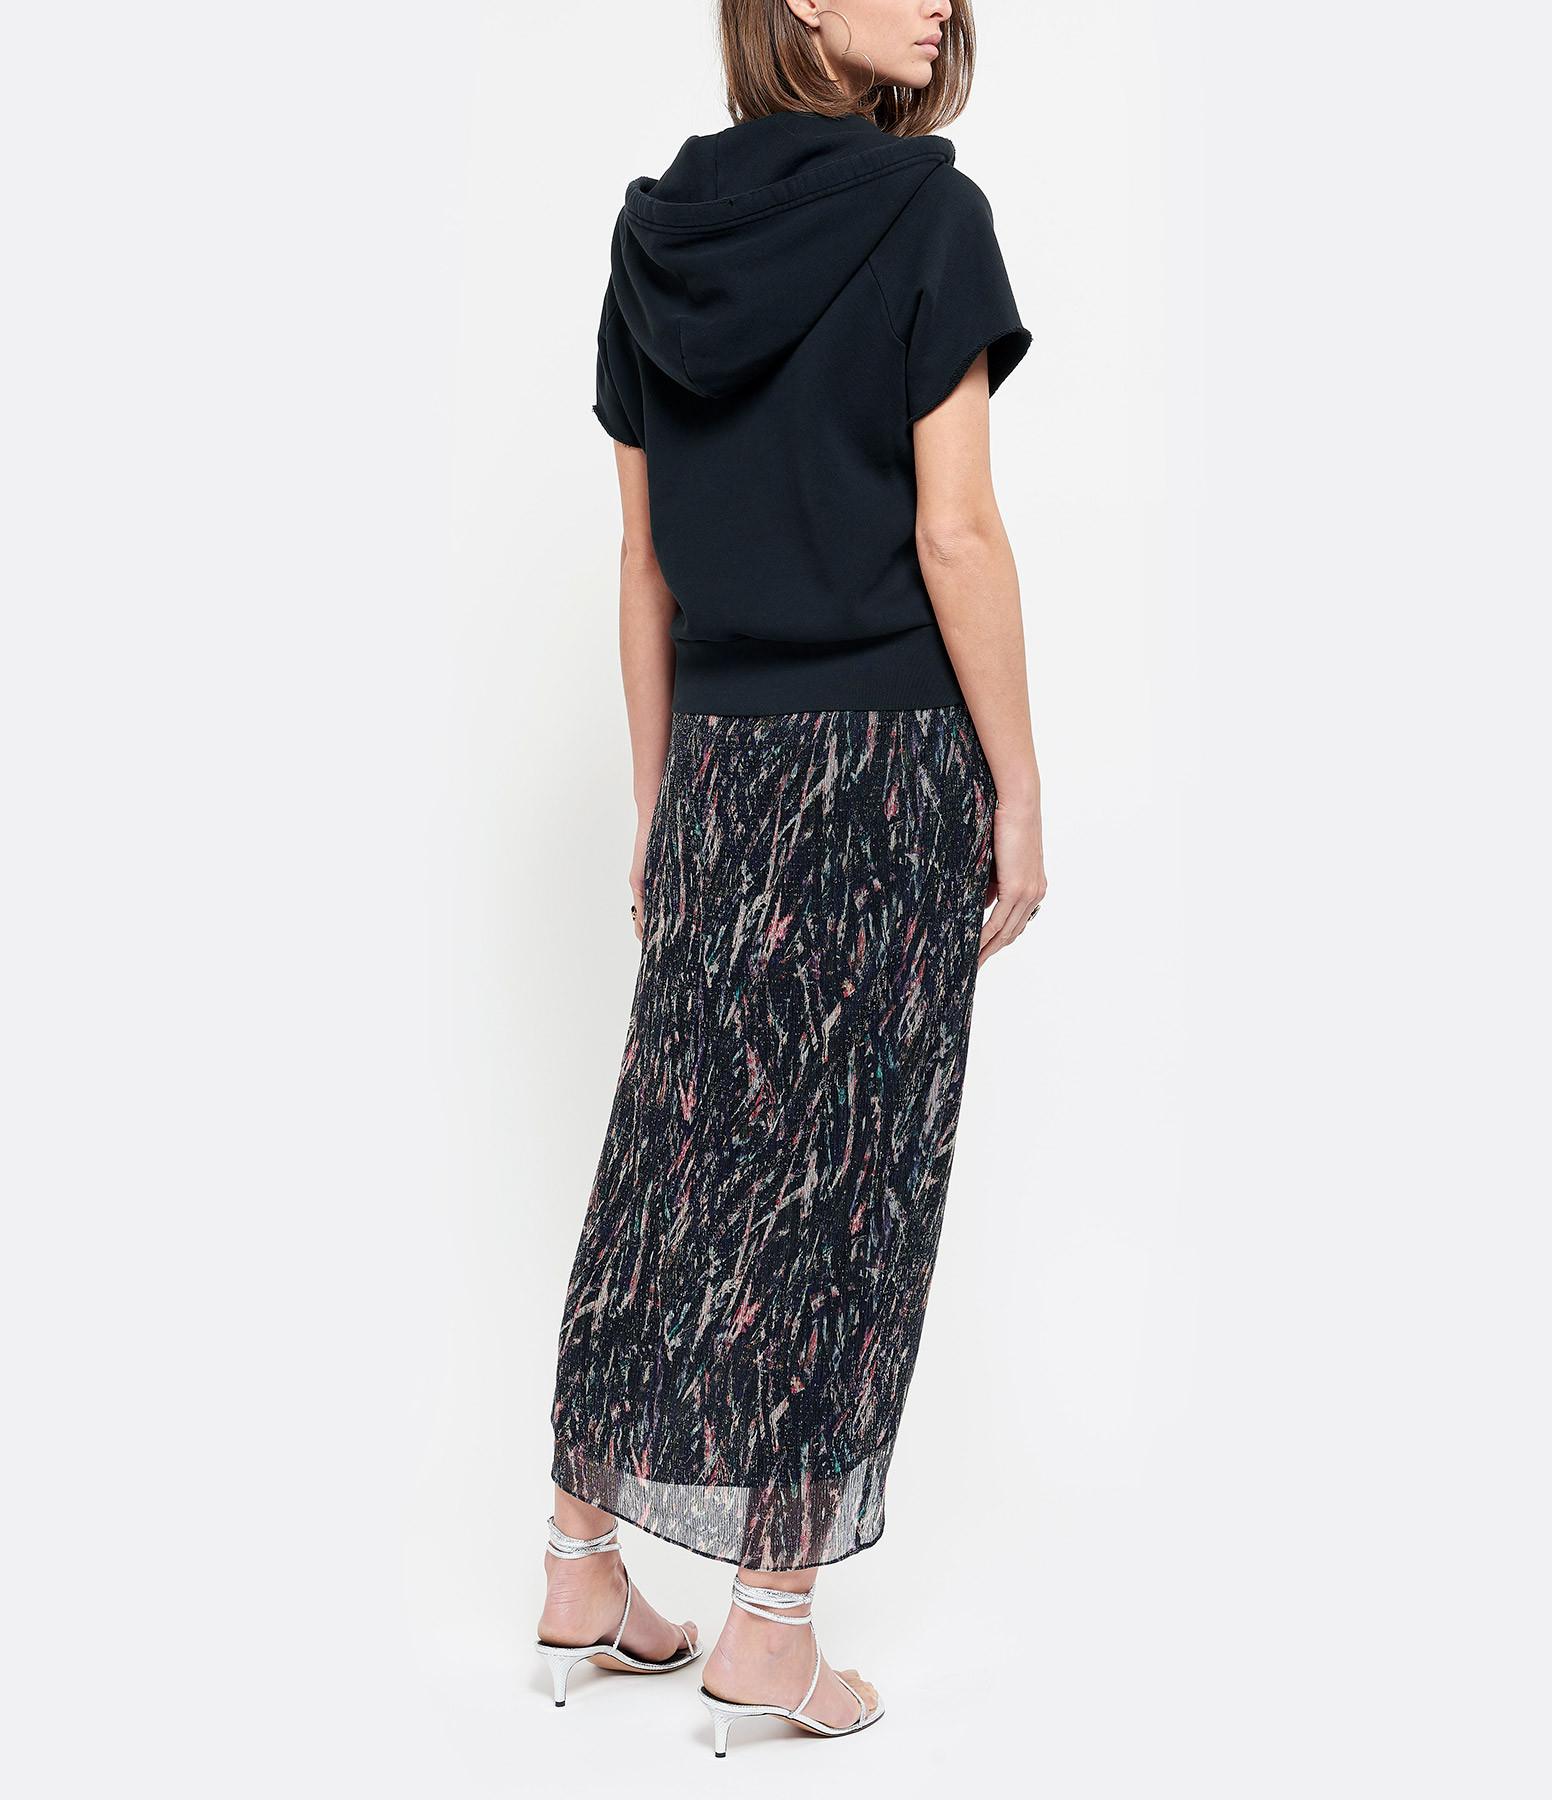 IRO - Jupe Aubagna Multicolore Noir